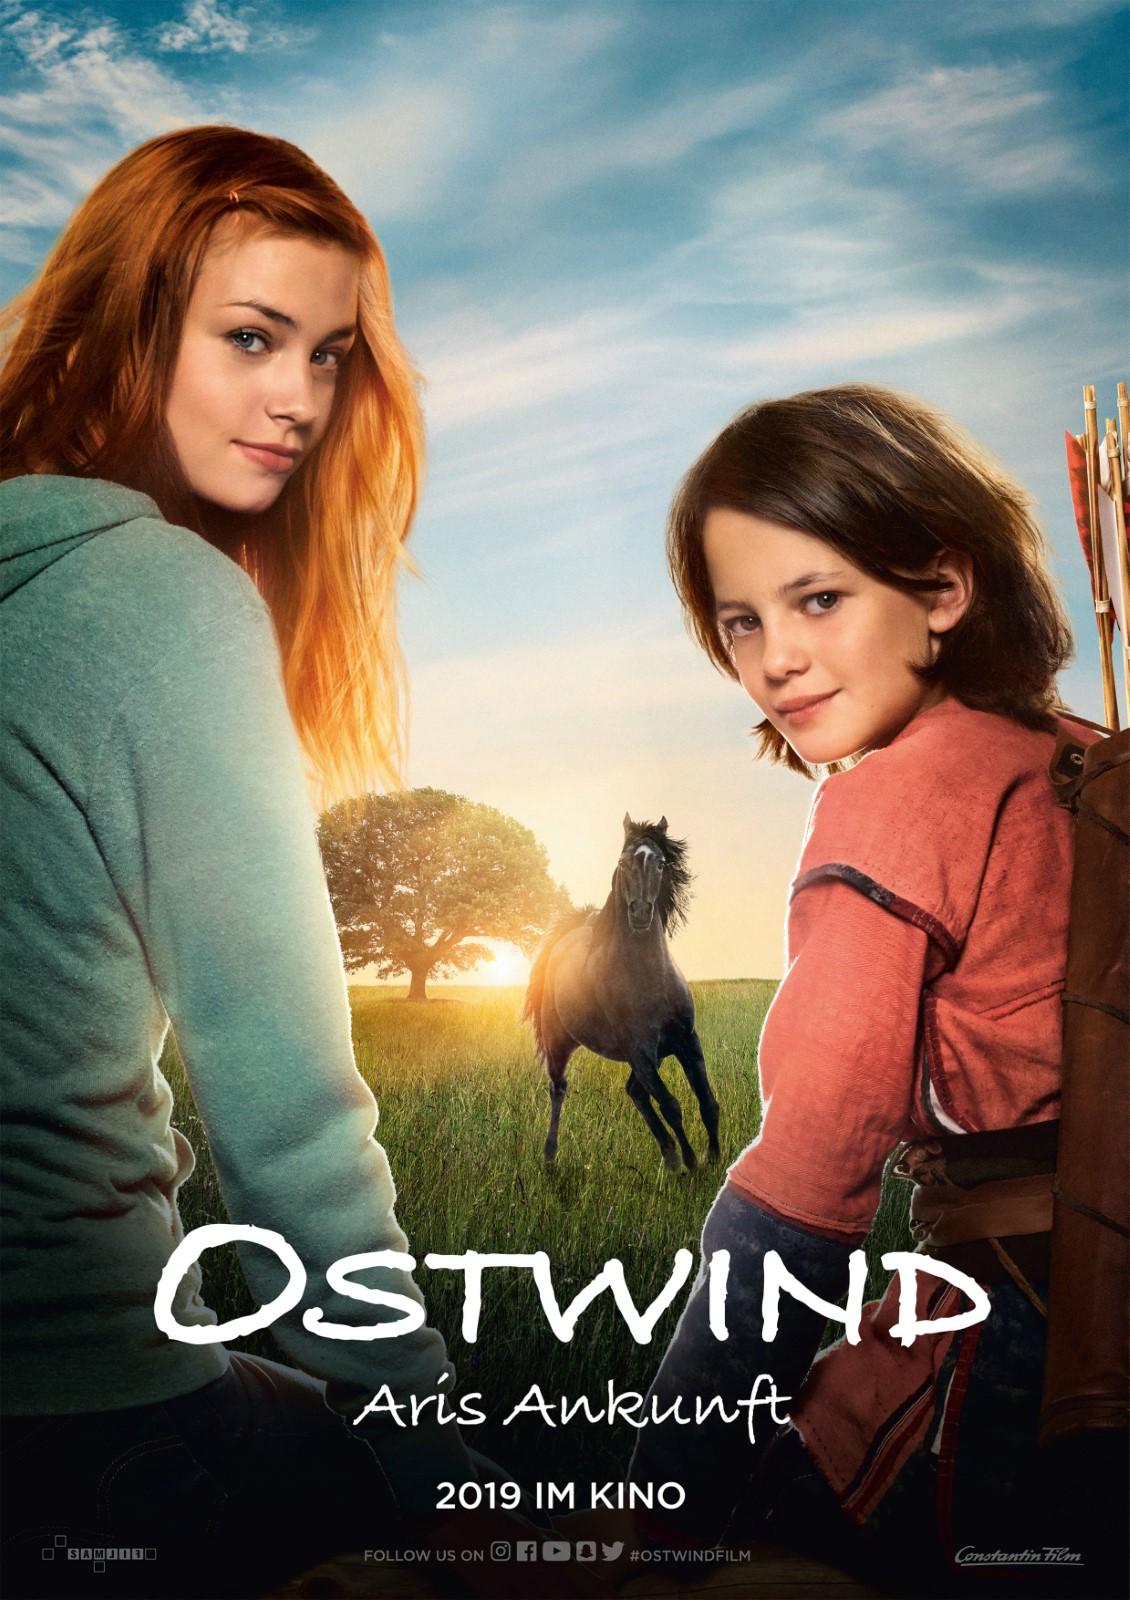 [好雷] 馬麻吉4:勇敢傳說 Ostwind: Aris Ankunft (2019 德國片)